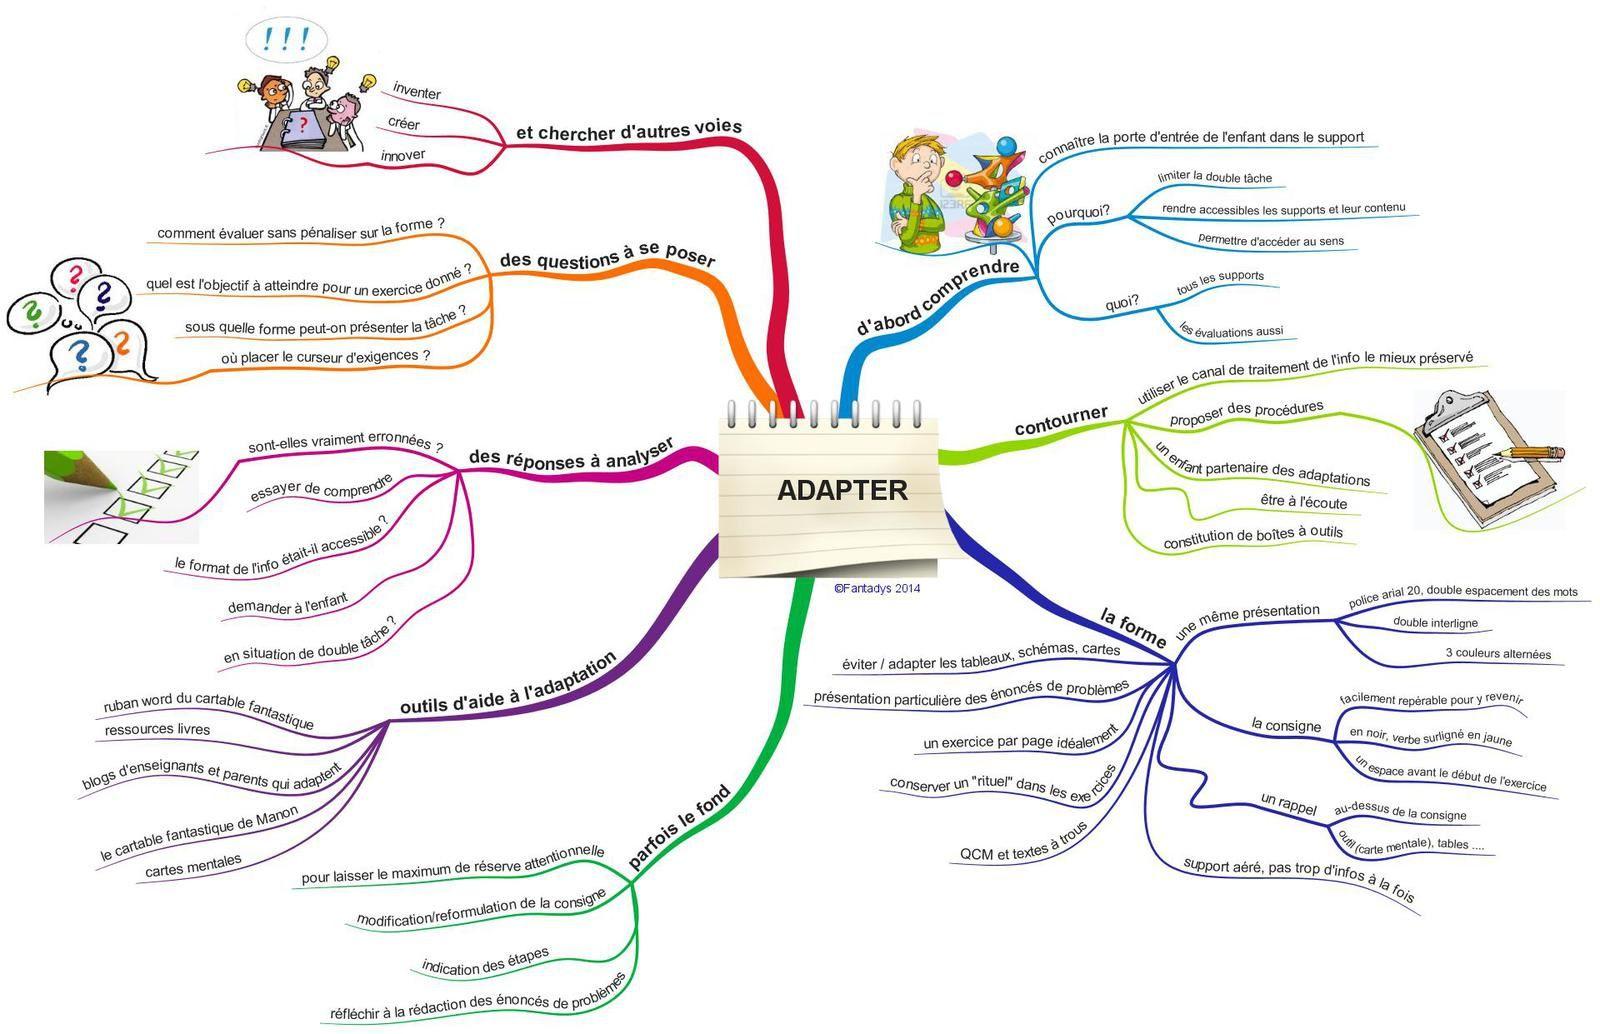 une carte mentale pour aider à adapter l'adaptation